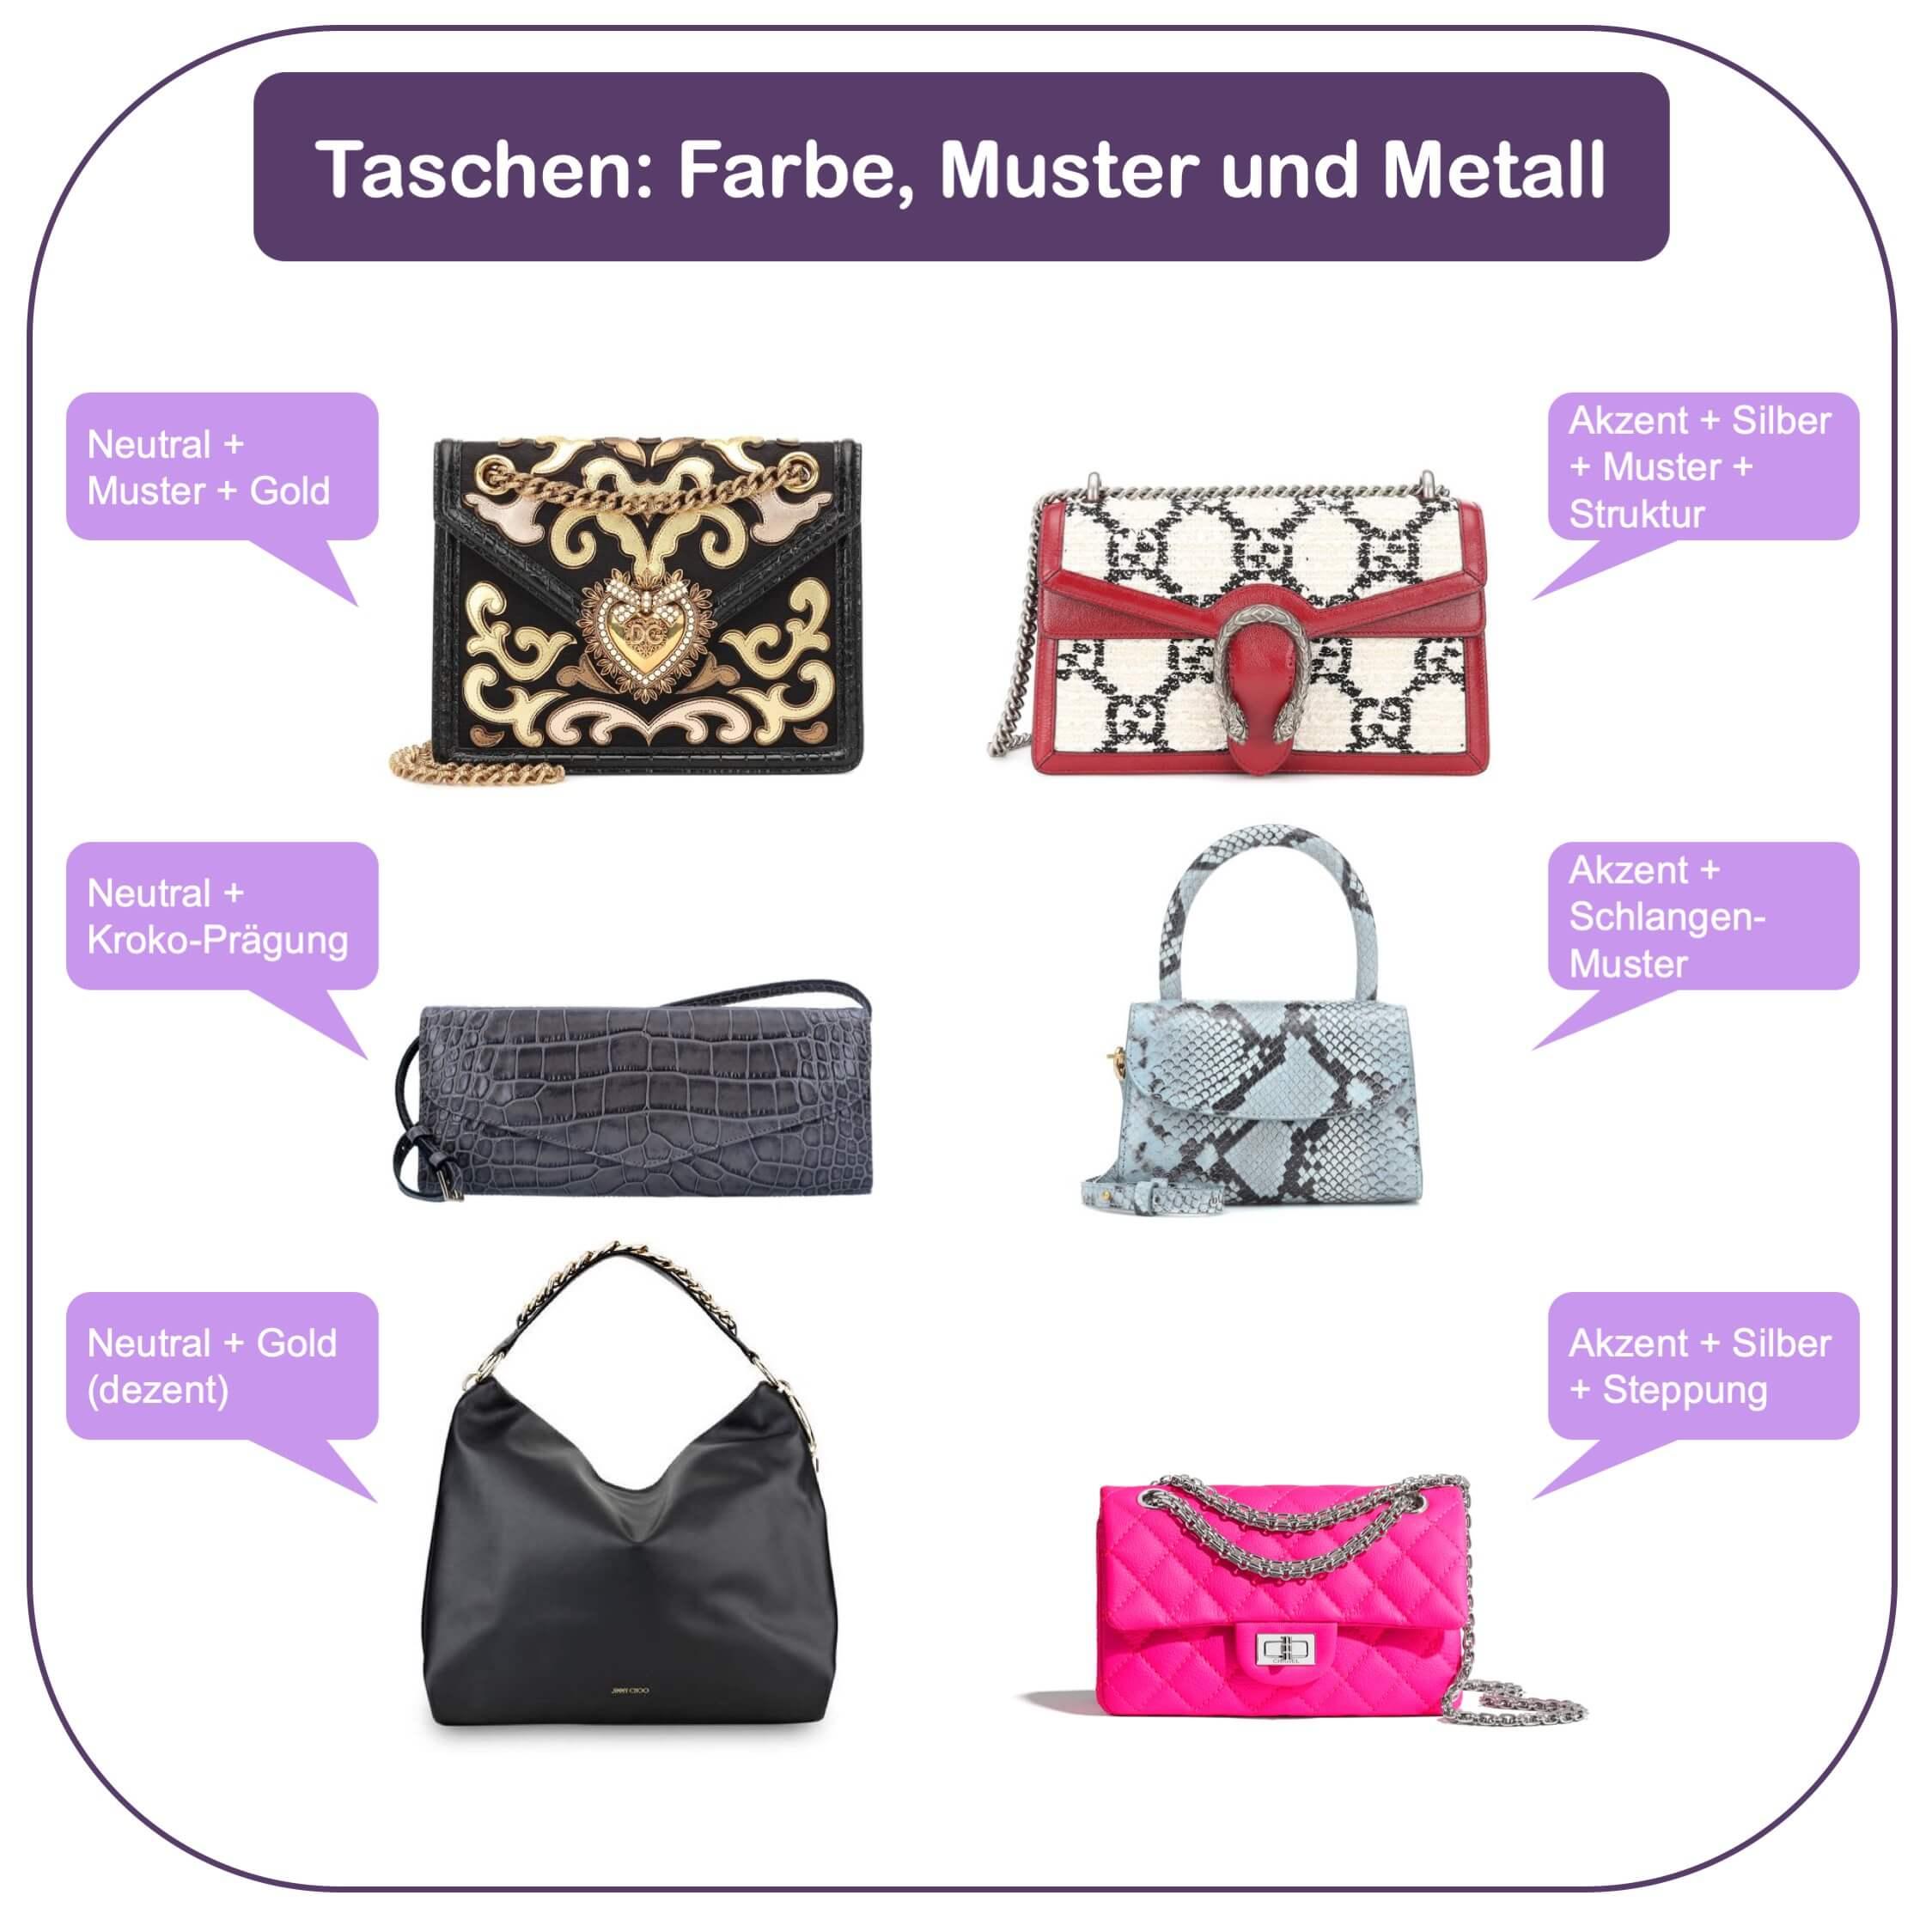 Passende Handtasche finden - Farben und Muster